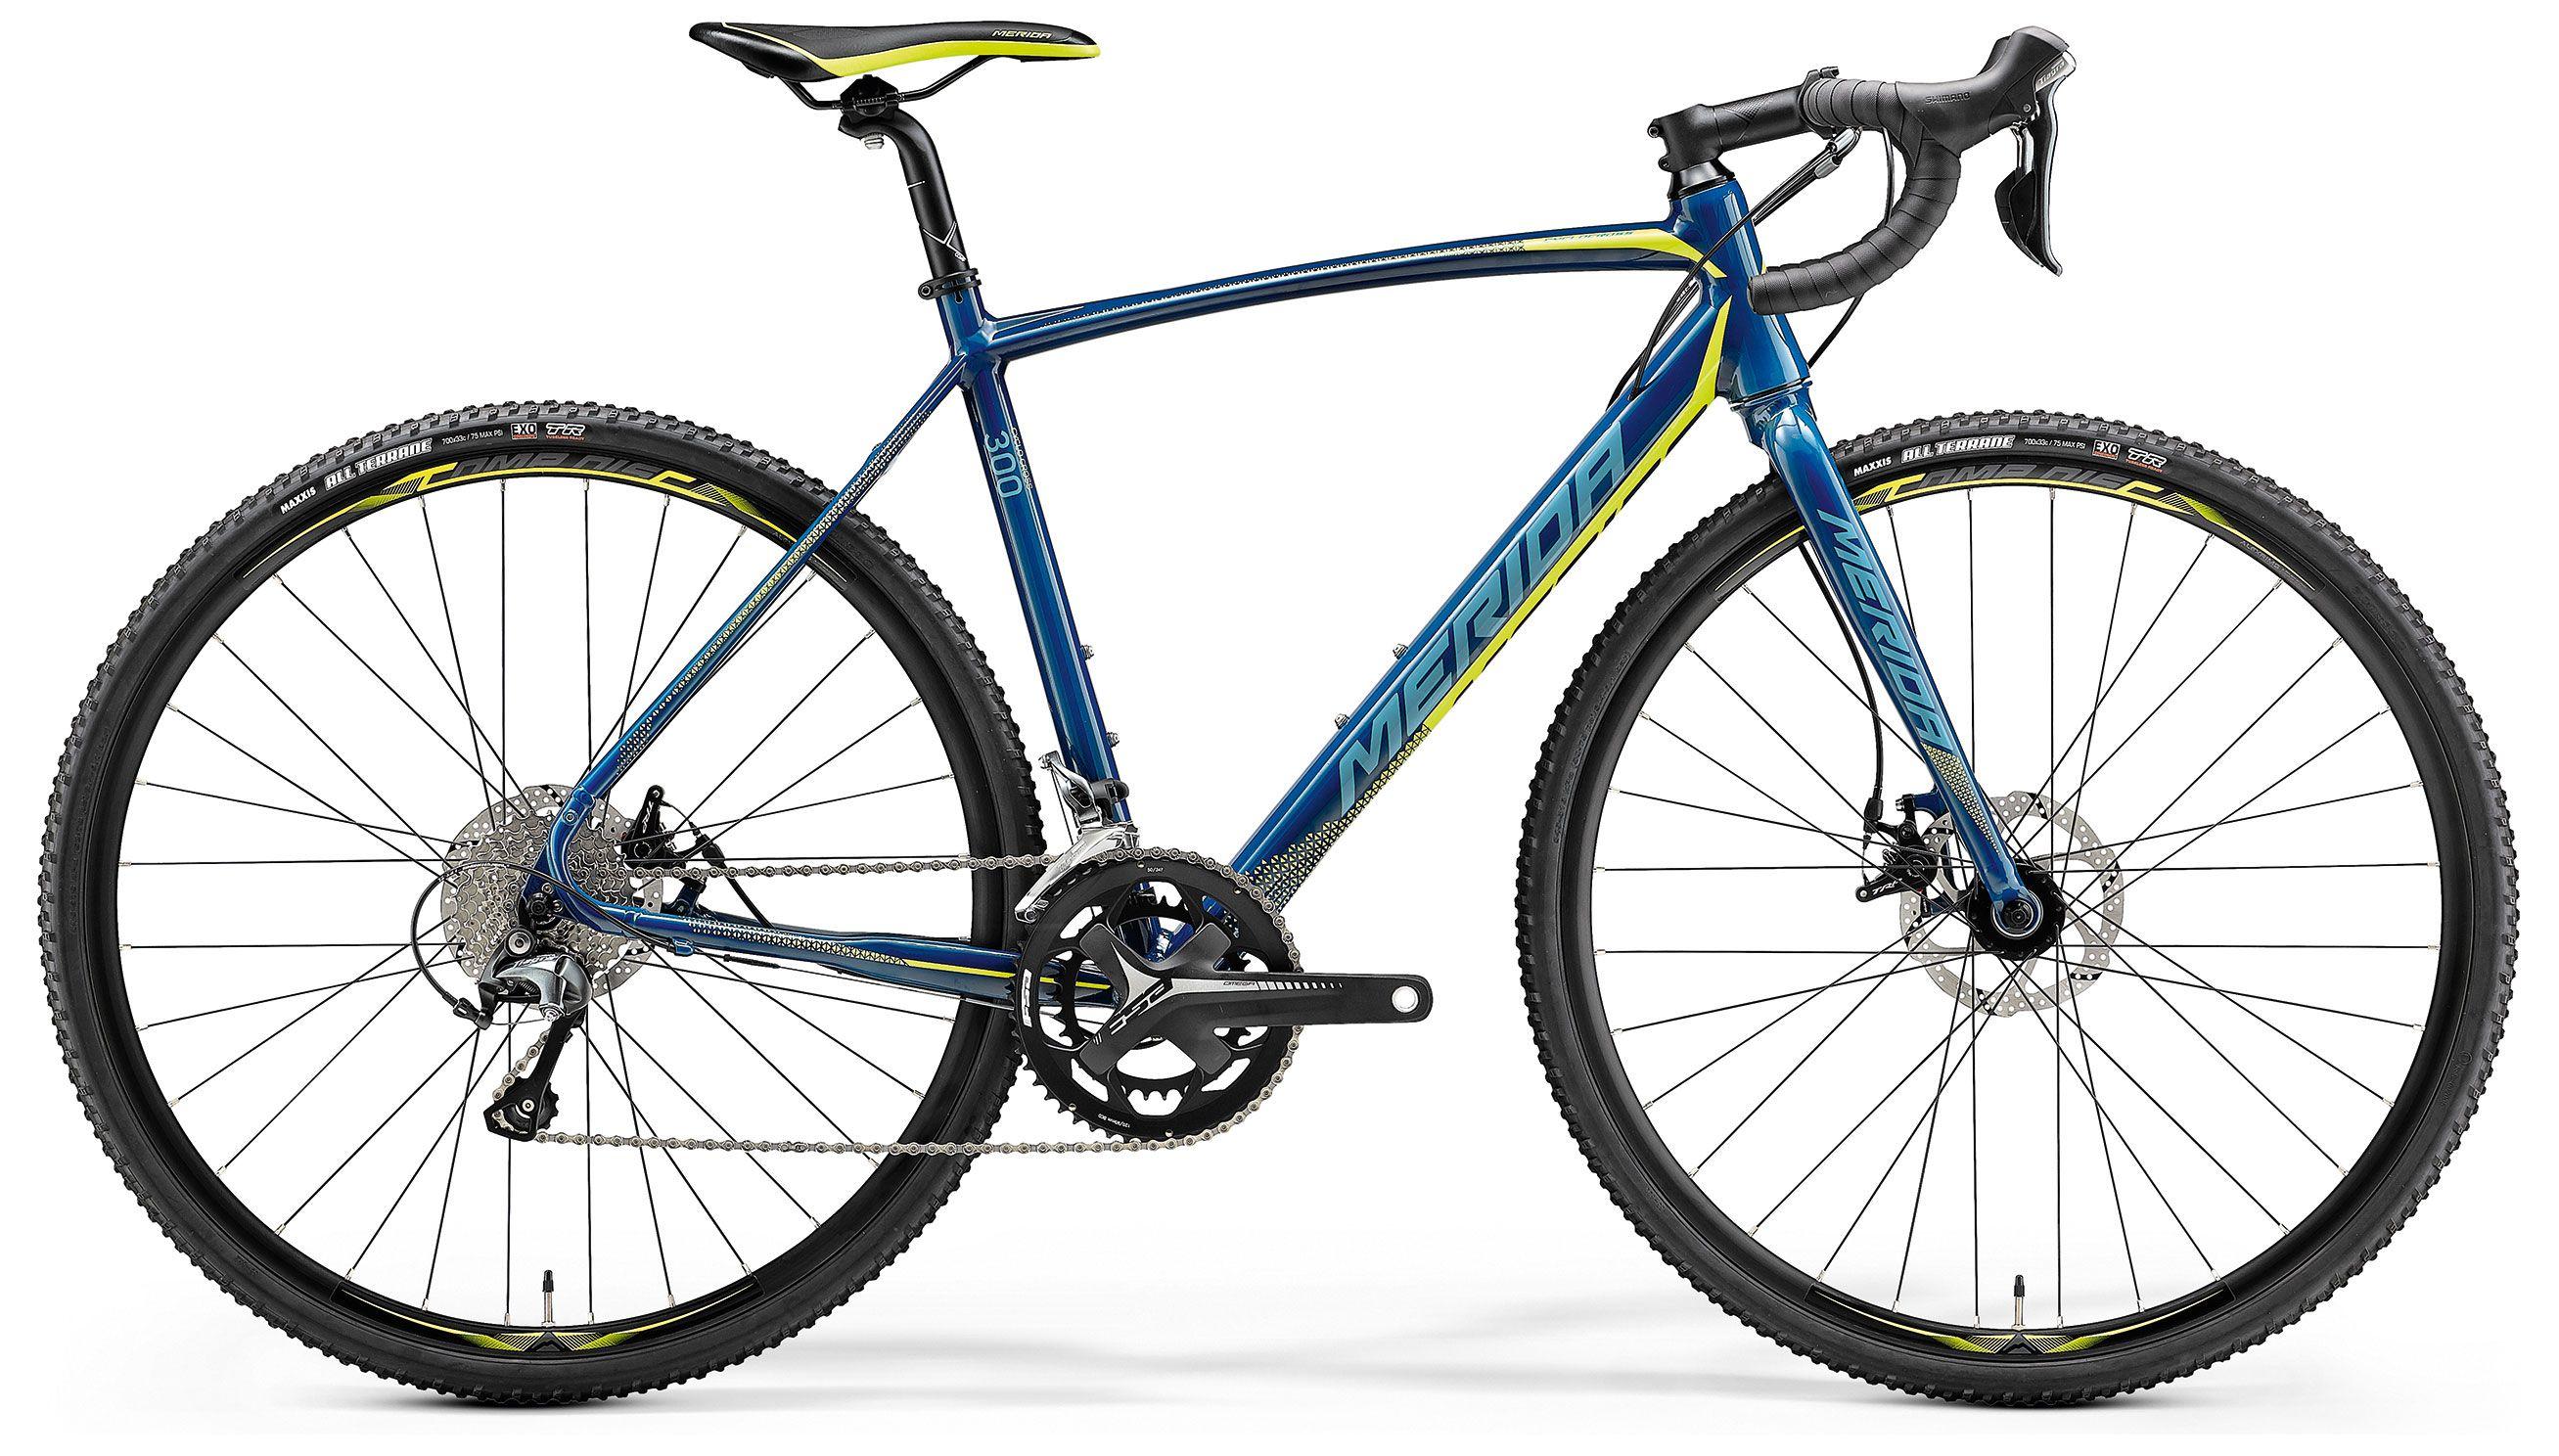 Велосипед Merida CycloСross 300 2018,  Шоссейные  - артикул:284884